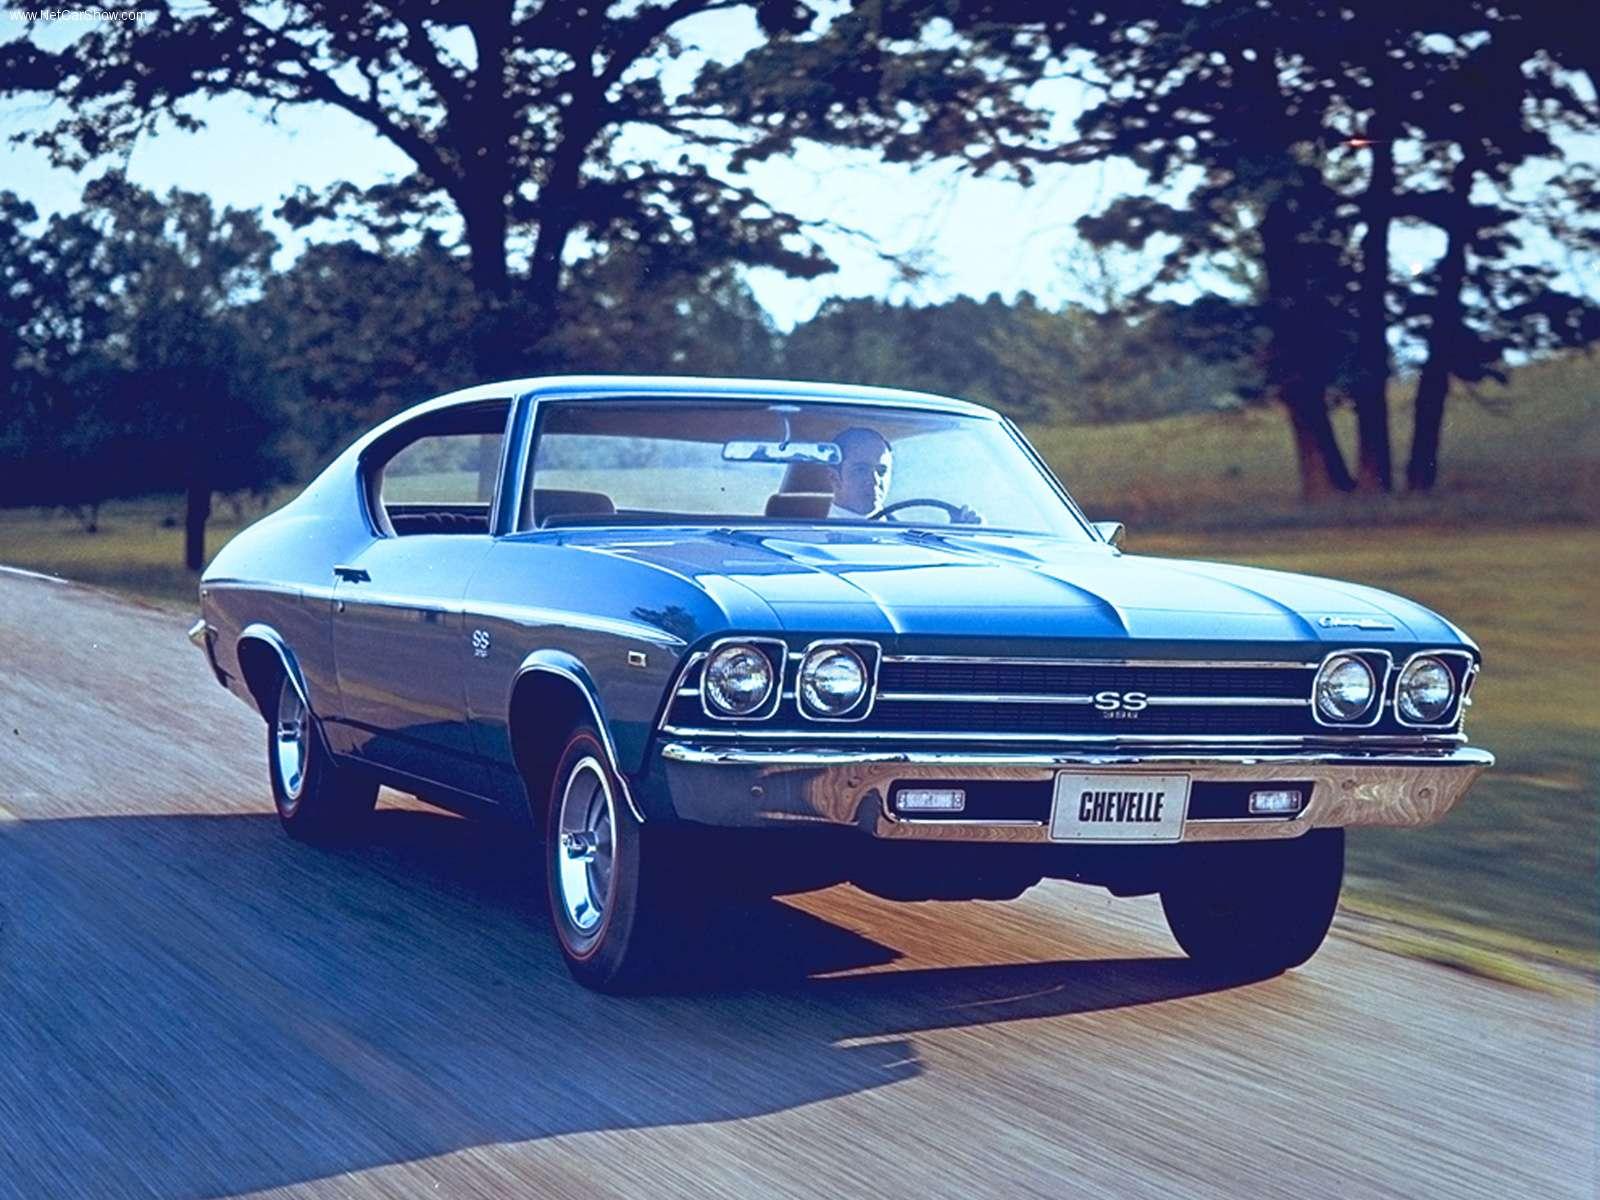 http://2.bp.blogspot.com/_yEehv7J8uEs/TQusX5lIASI/AAAAAAAAC5I/Tdc1J9buL60/s1600/Chevrolet-Chevelle_1969_1600x1200_wallpaper_01.jpg